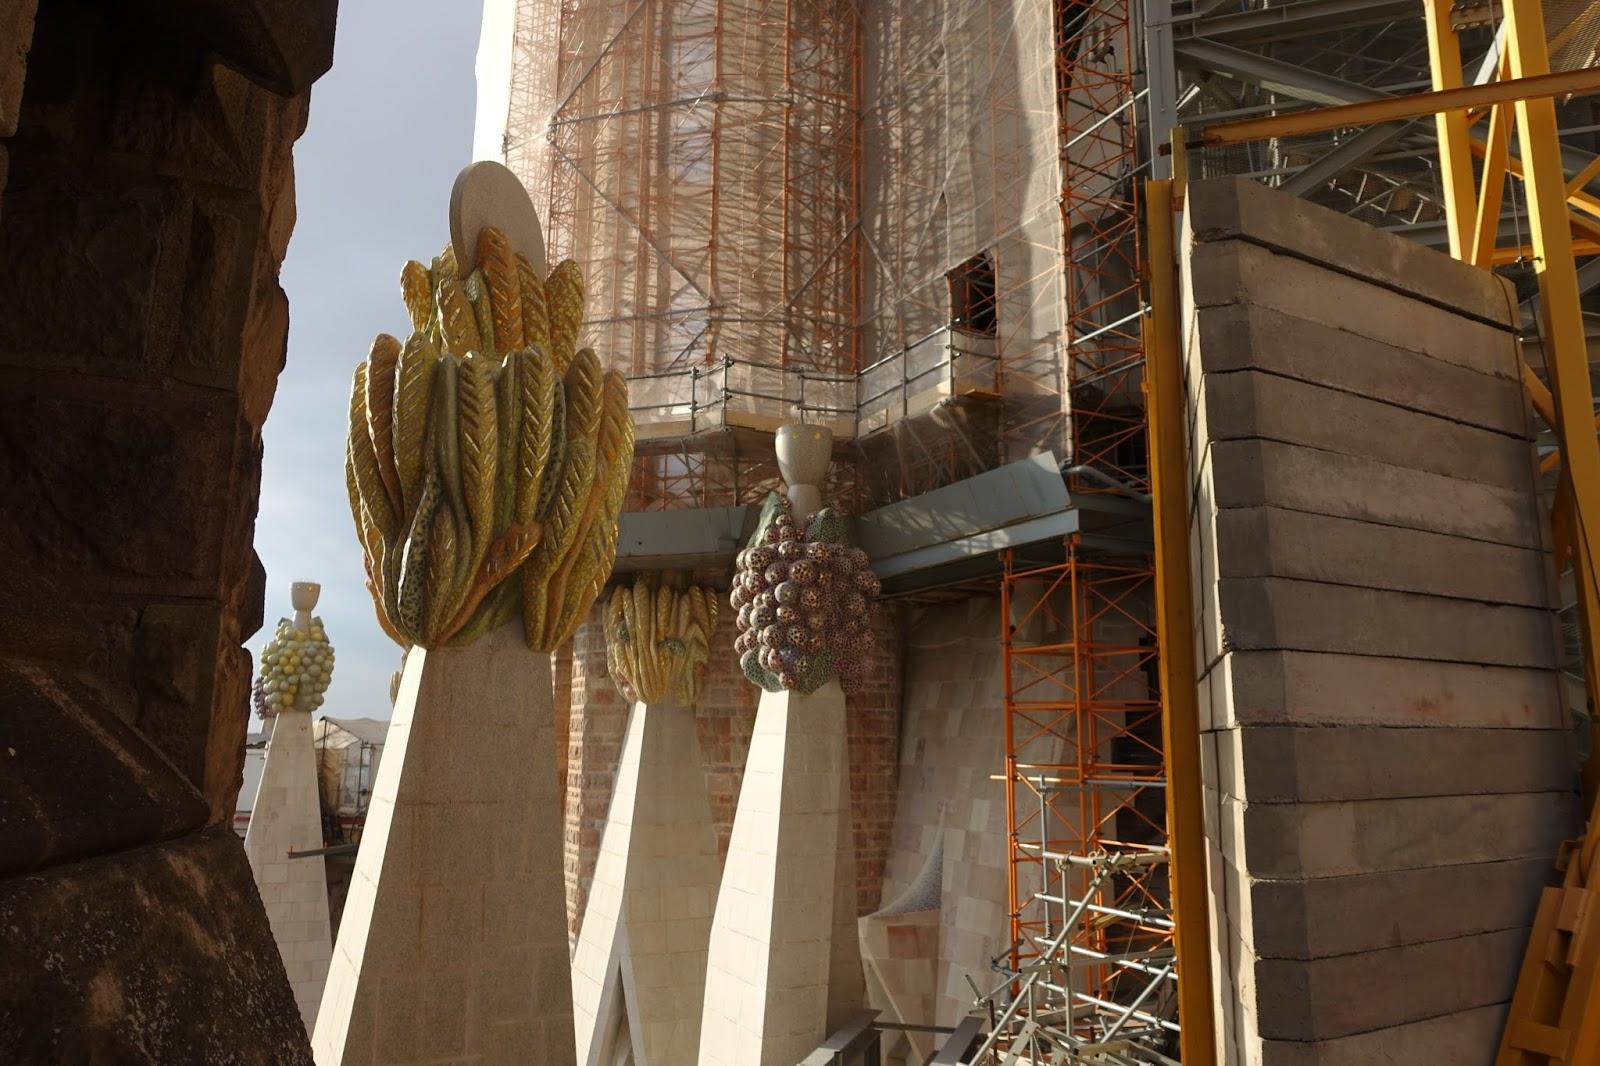 サグラダ・ファミリア (Sagrada Familia) 工事現場